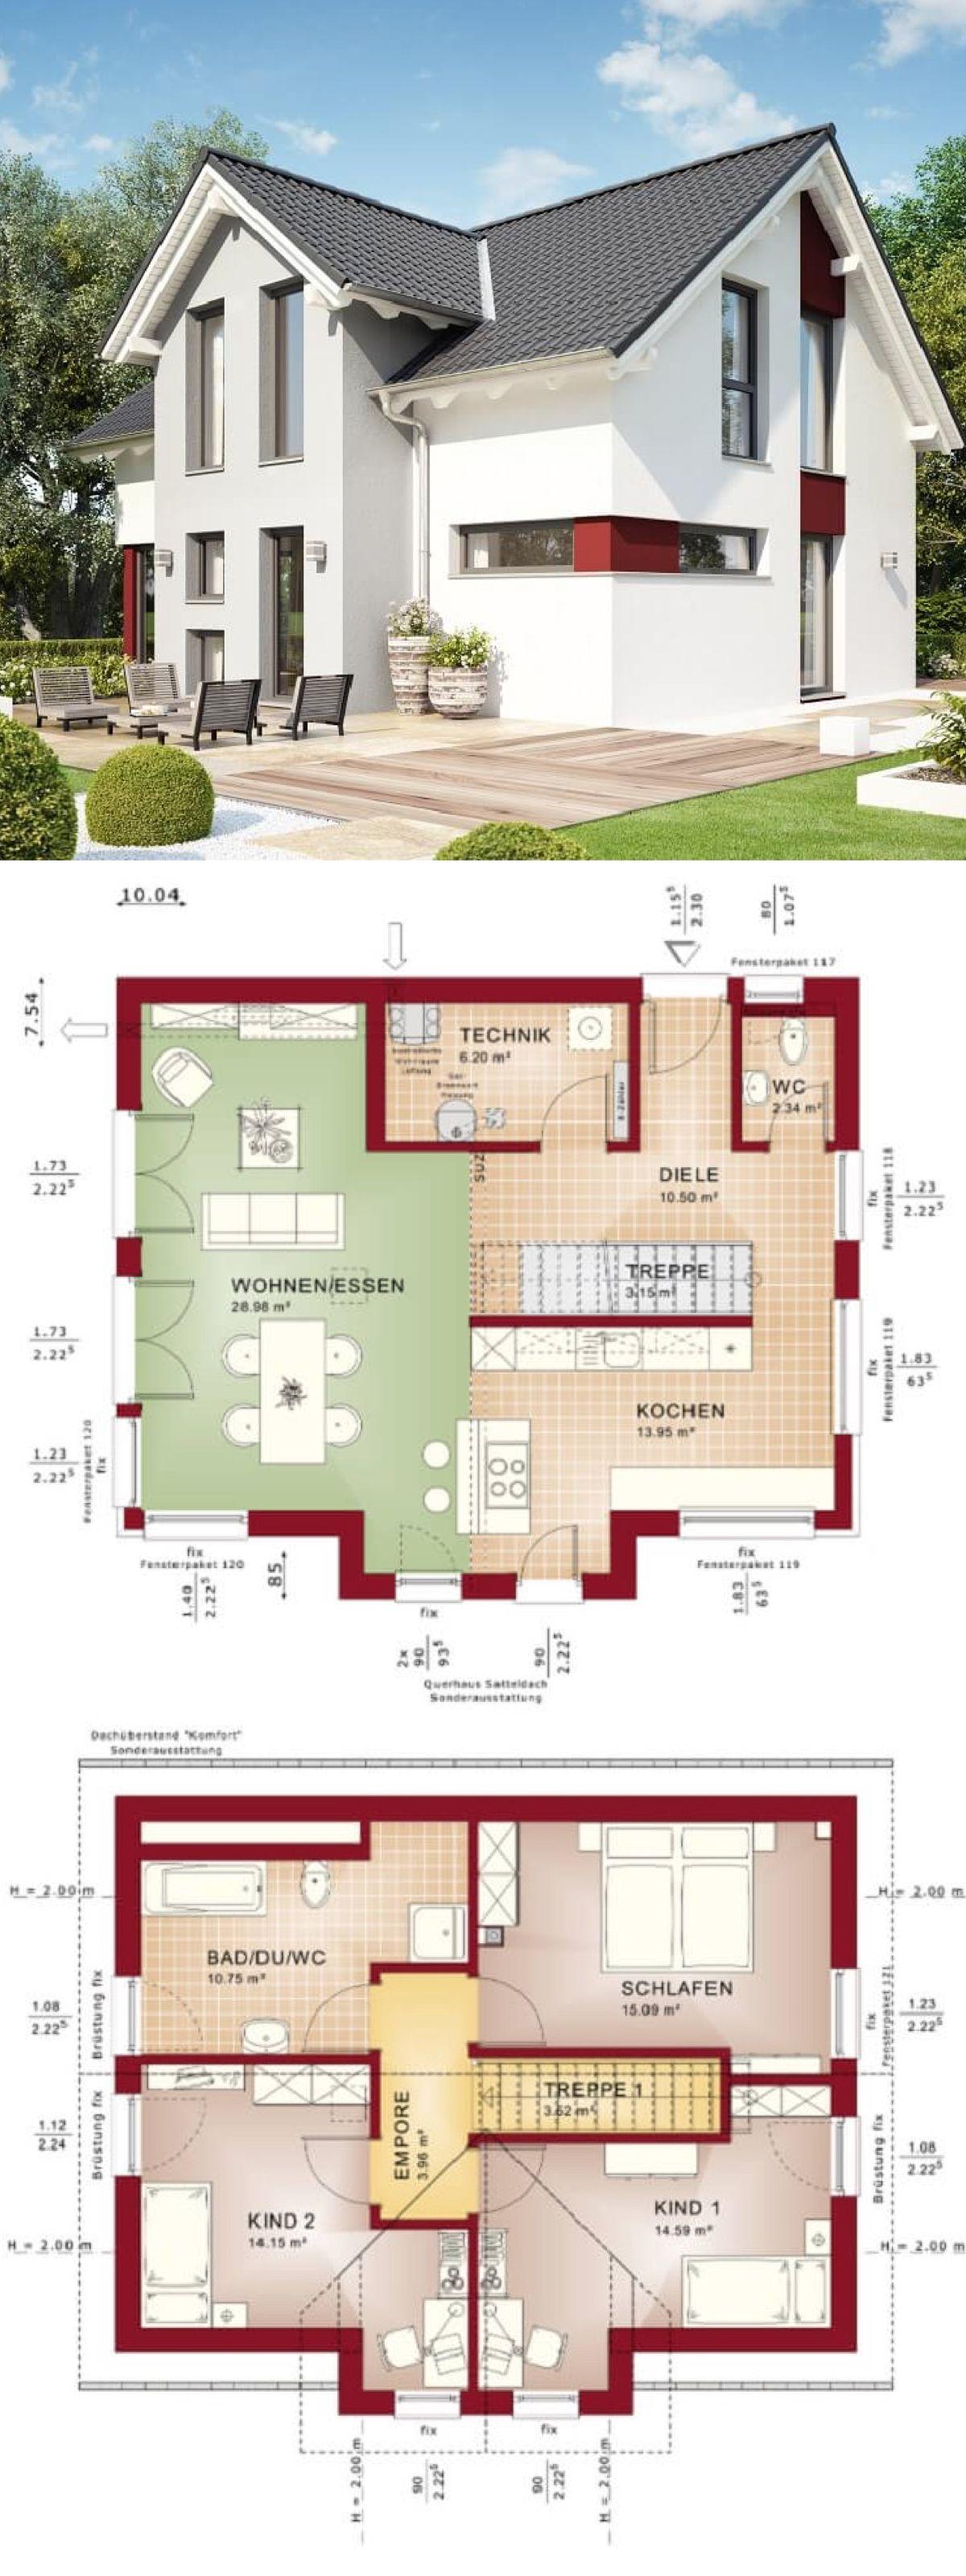 Modernes Haus klassisch mit Satteldach Architektur & Querhaus ...